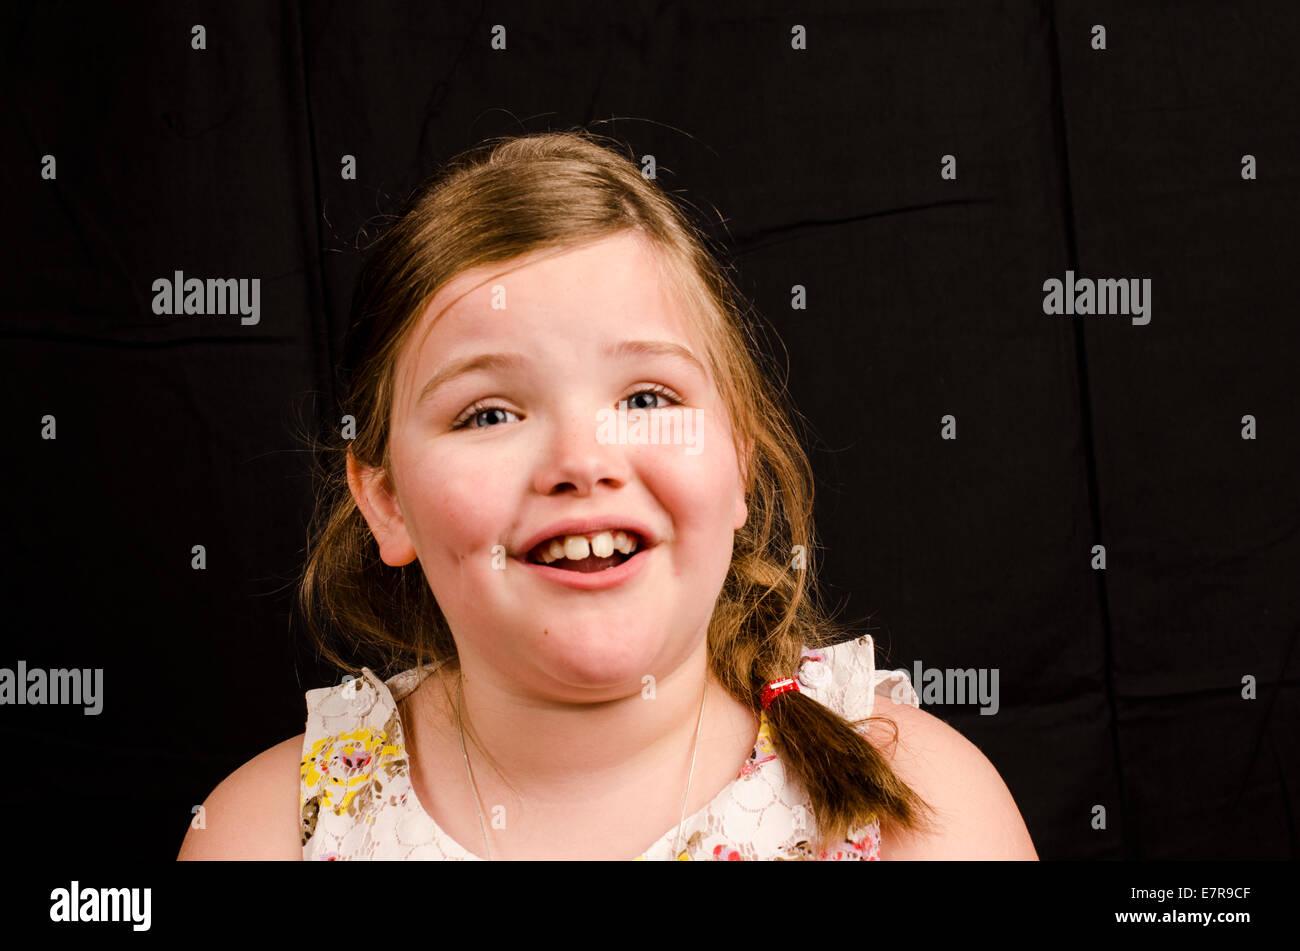 Immagine di una bimba di 8 anni, su uno sfondo nero con una felice espressione che mostra la contentezza Immagini Stock